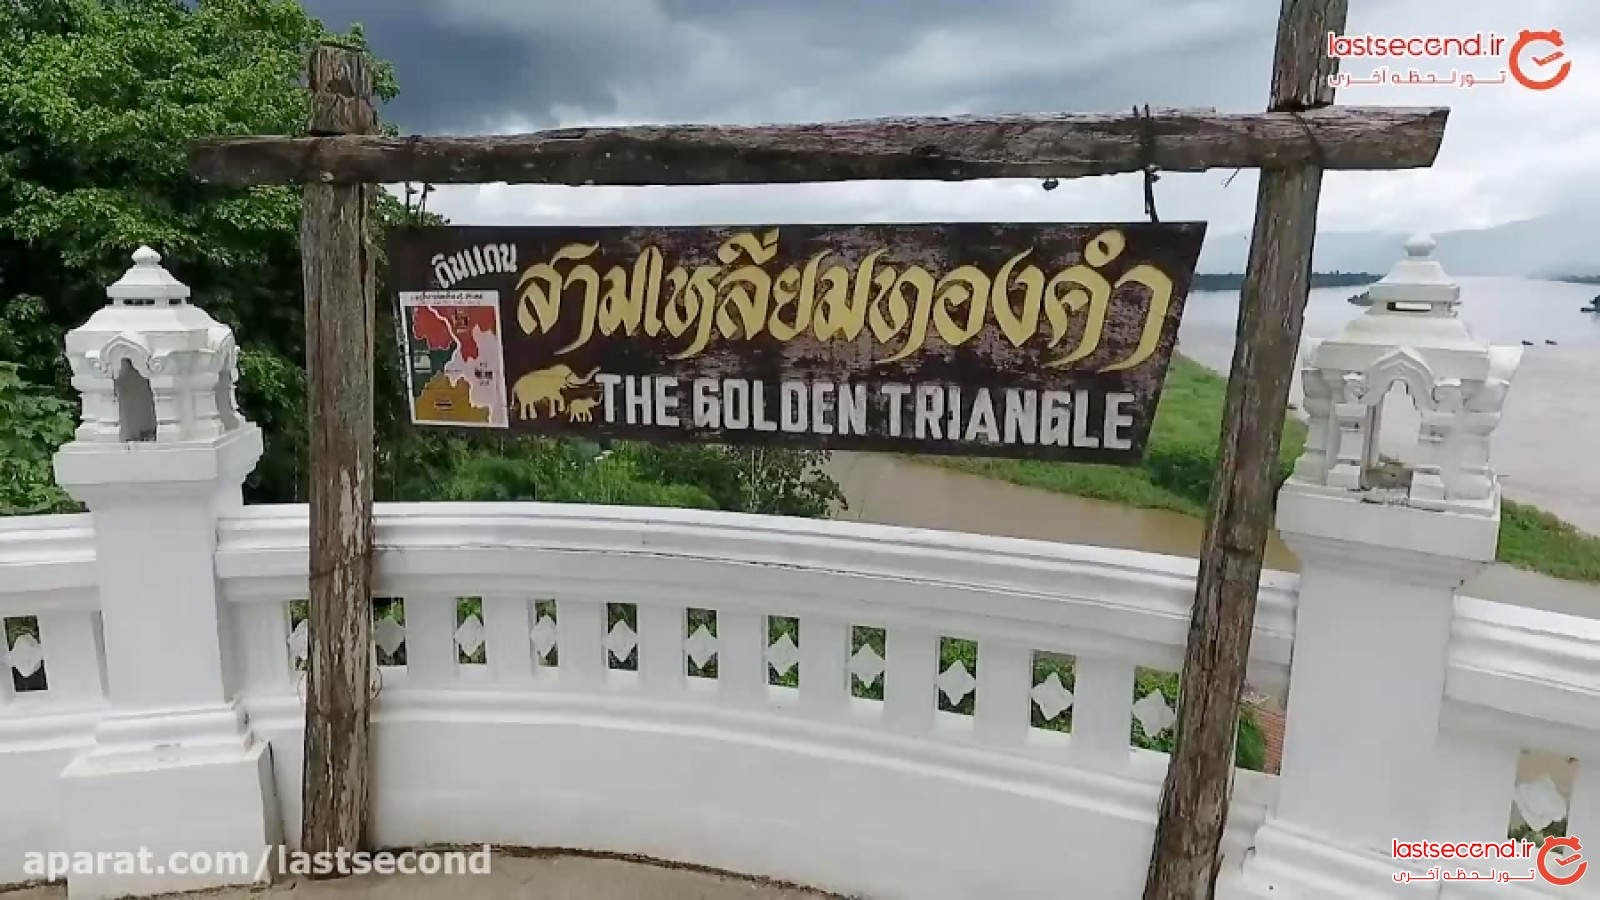 منطقه مثلث طلایی تایلند و مجسمه بودای بزرگ